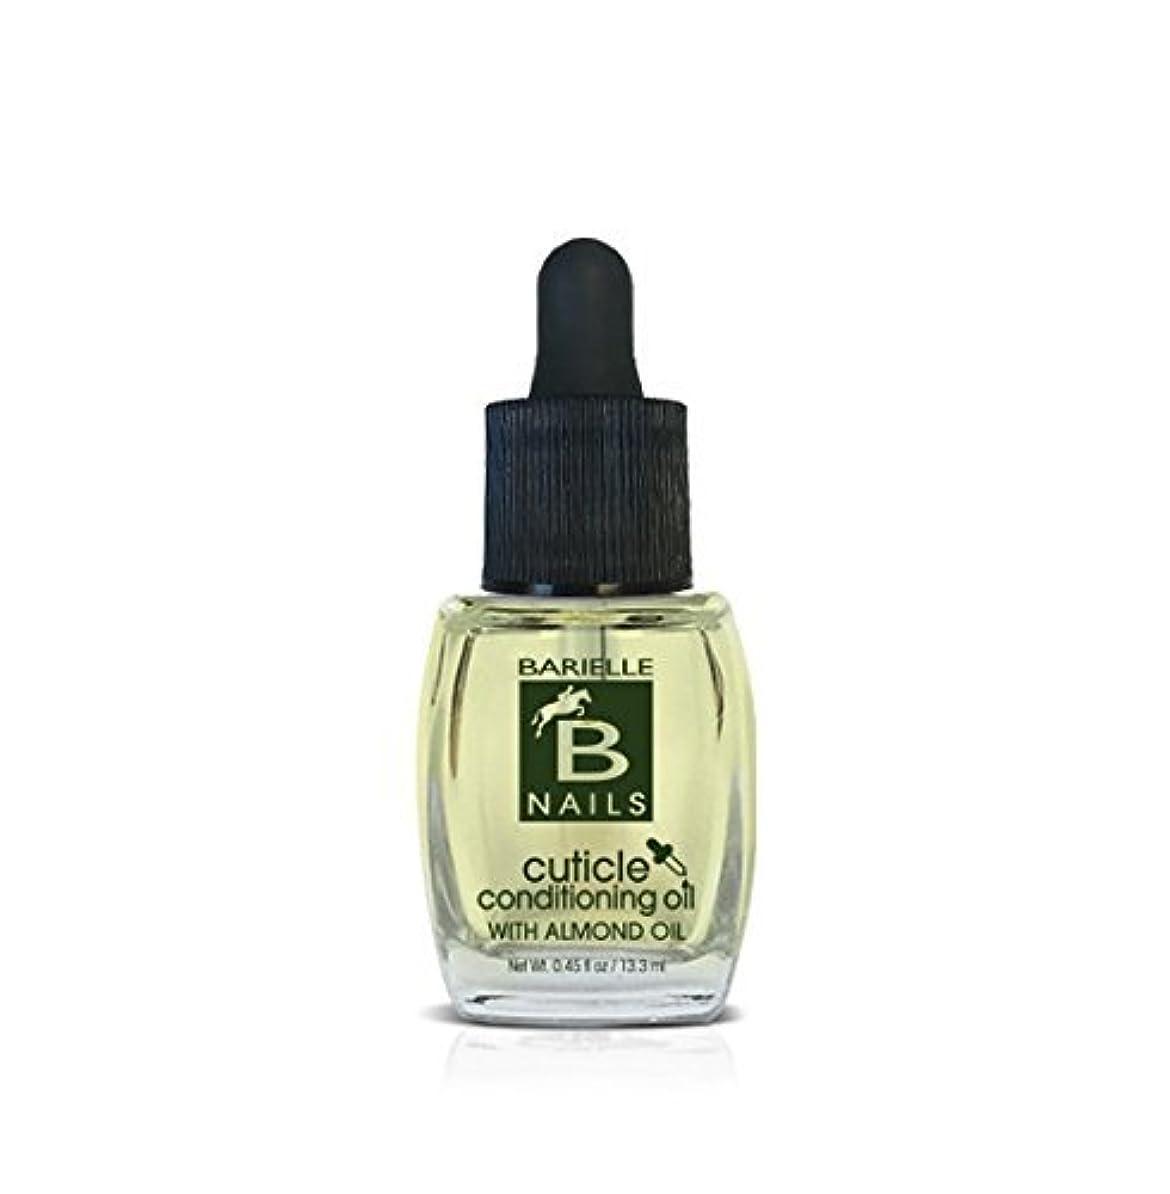 誕生日取るに足らないトリムBarielle Nails - Cuticle Conditioning Oil with Almond Oil w/ Dropper - 13.3 mL / 0.45 oz